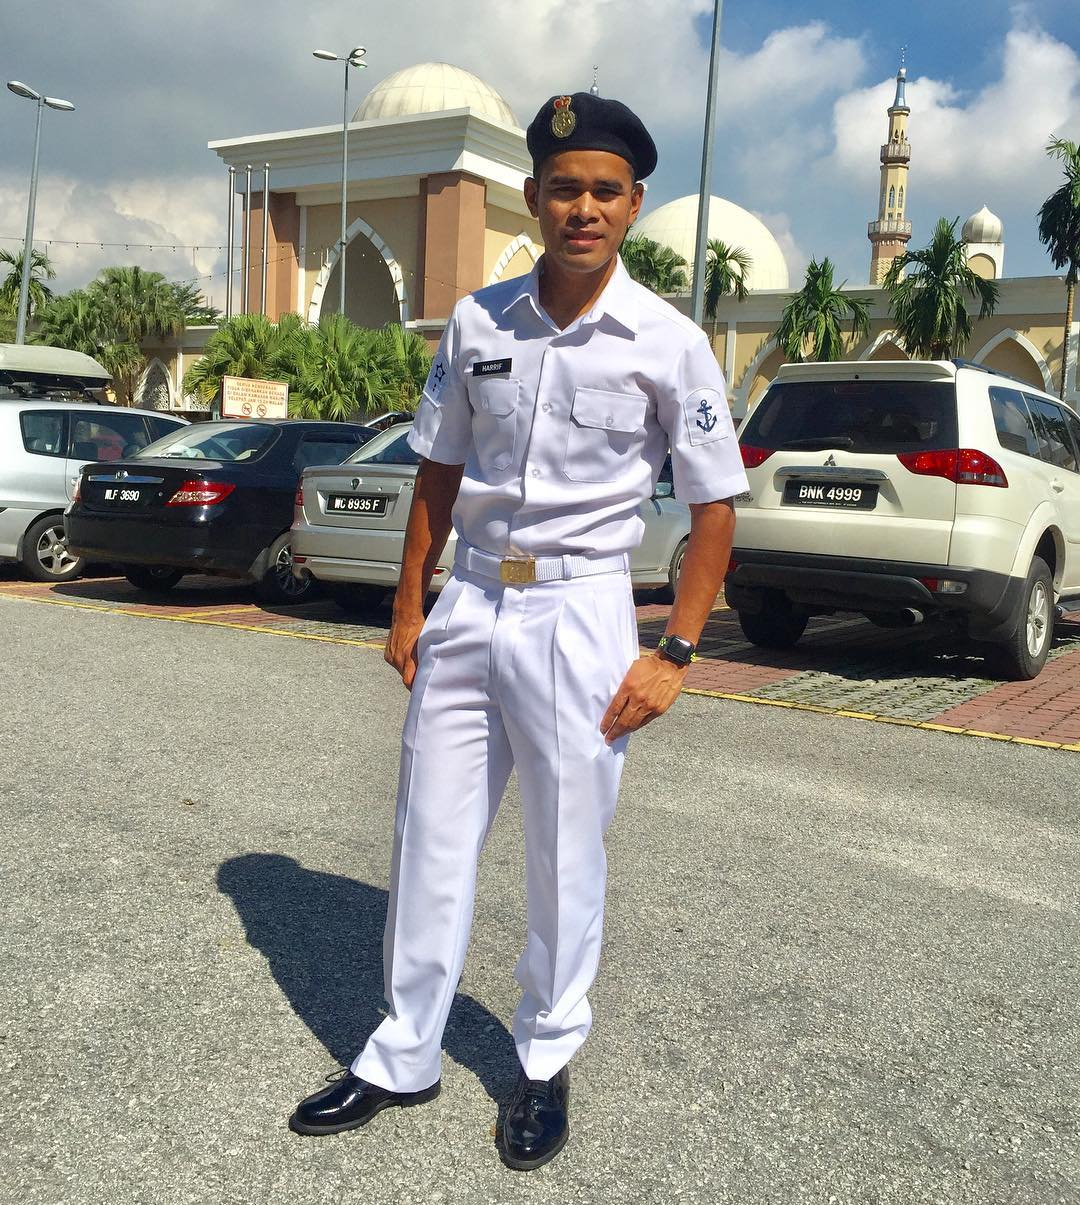 Pelumba profesional Terengganu Cycling Team (TSG); Mohd Hariff Saleh juga turut menjawat selaku anggota Tentera Laut Diraja Malaysia. Kredit Foto - Instagram.com/harrif_saleh